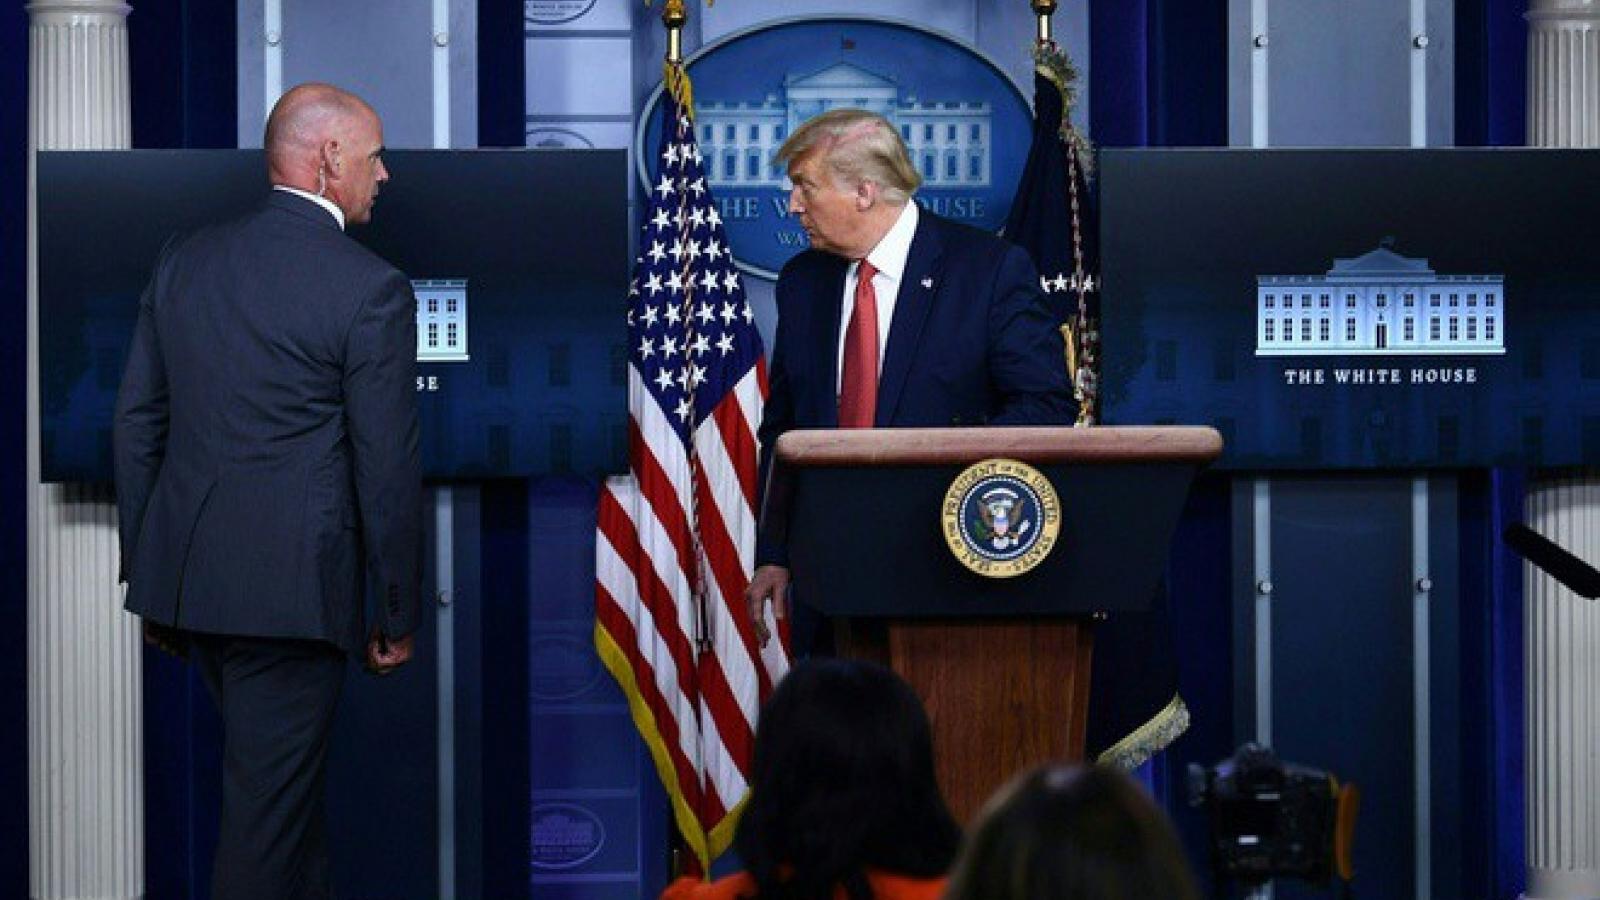 Ông Trump được đặc vụ hộ tống ra khỏi họp báo vì nổ súng gần Nhà Trắng